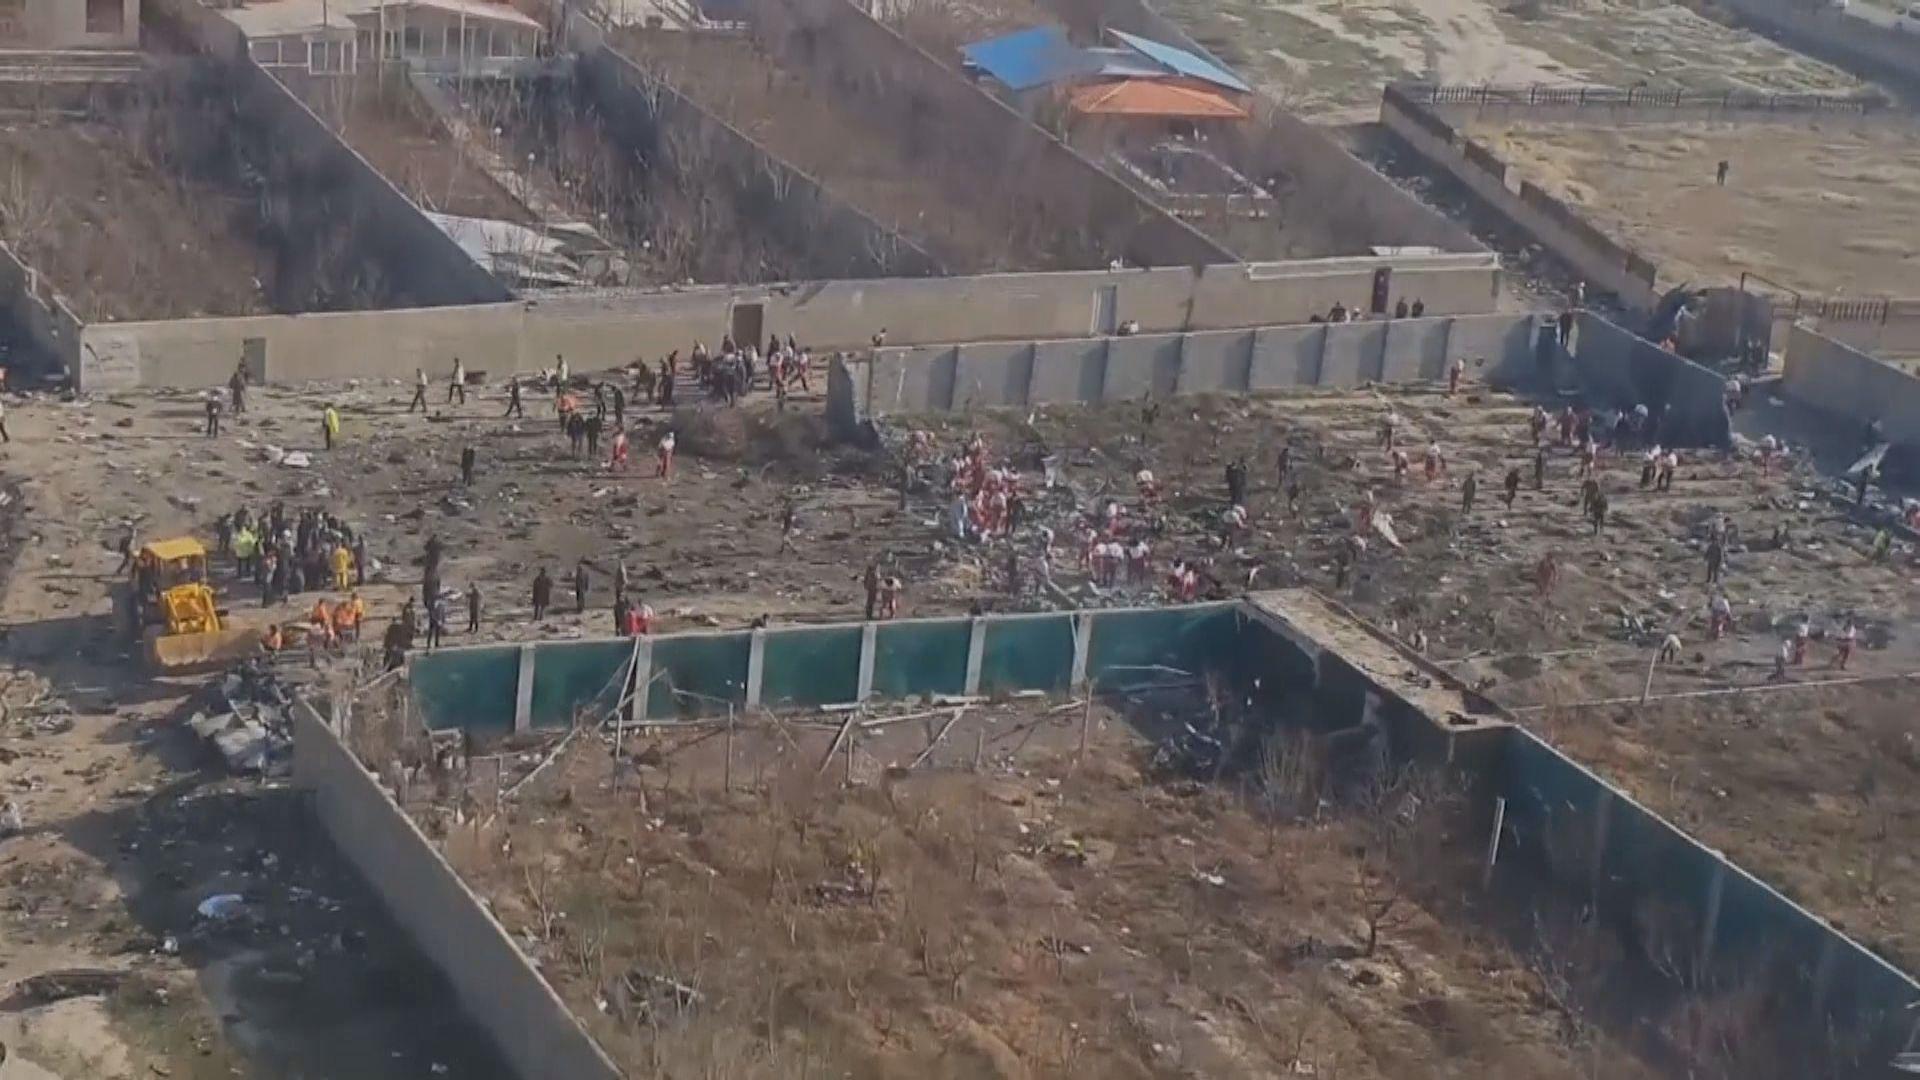 烏克蘭一度指引擎故障導致墜機 其後收回言論